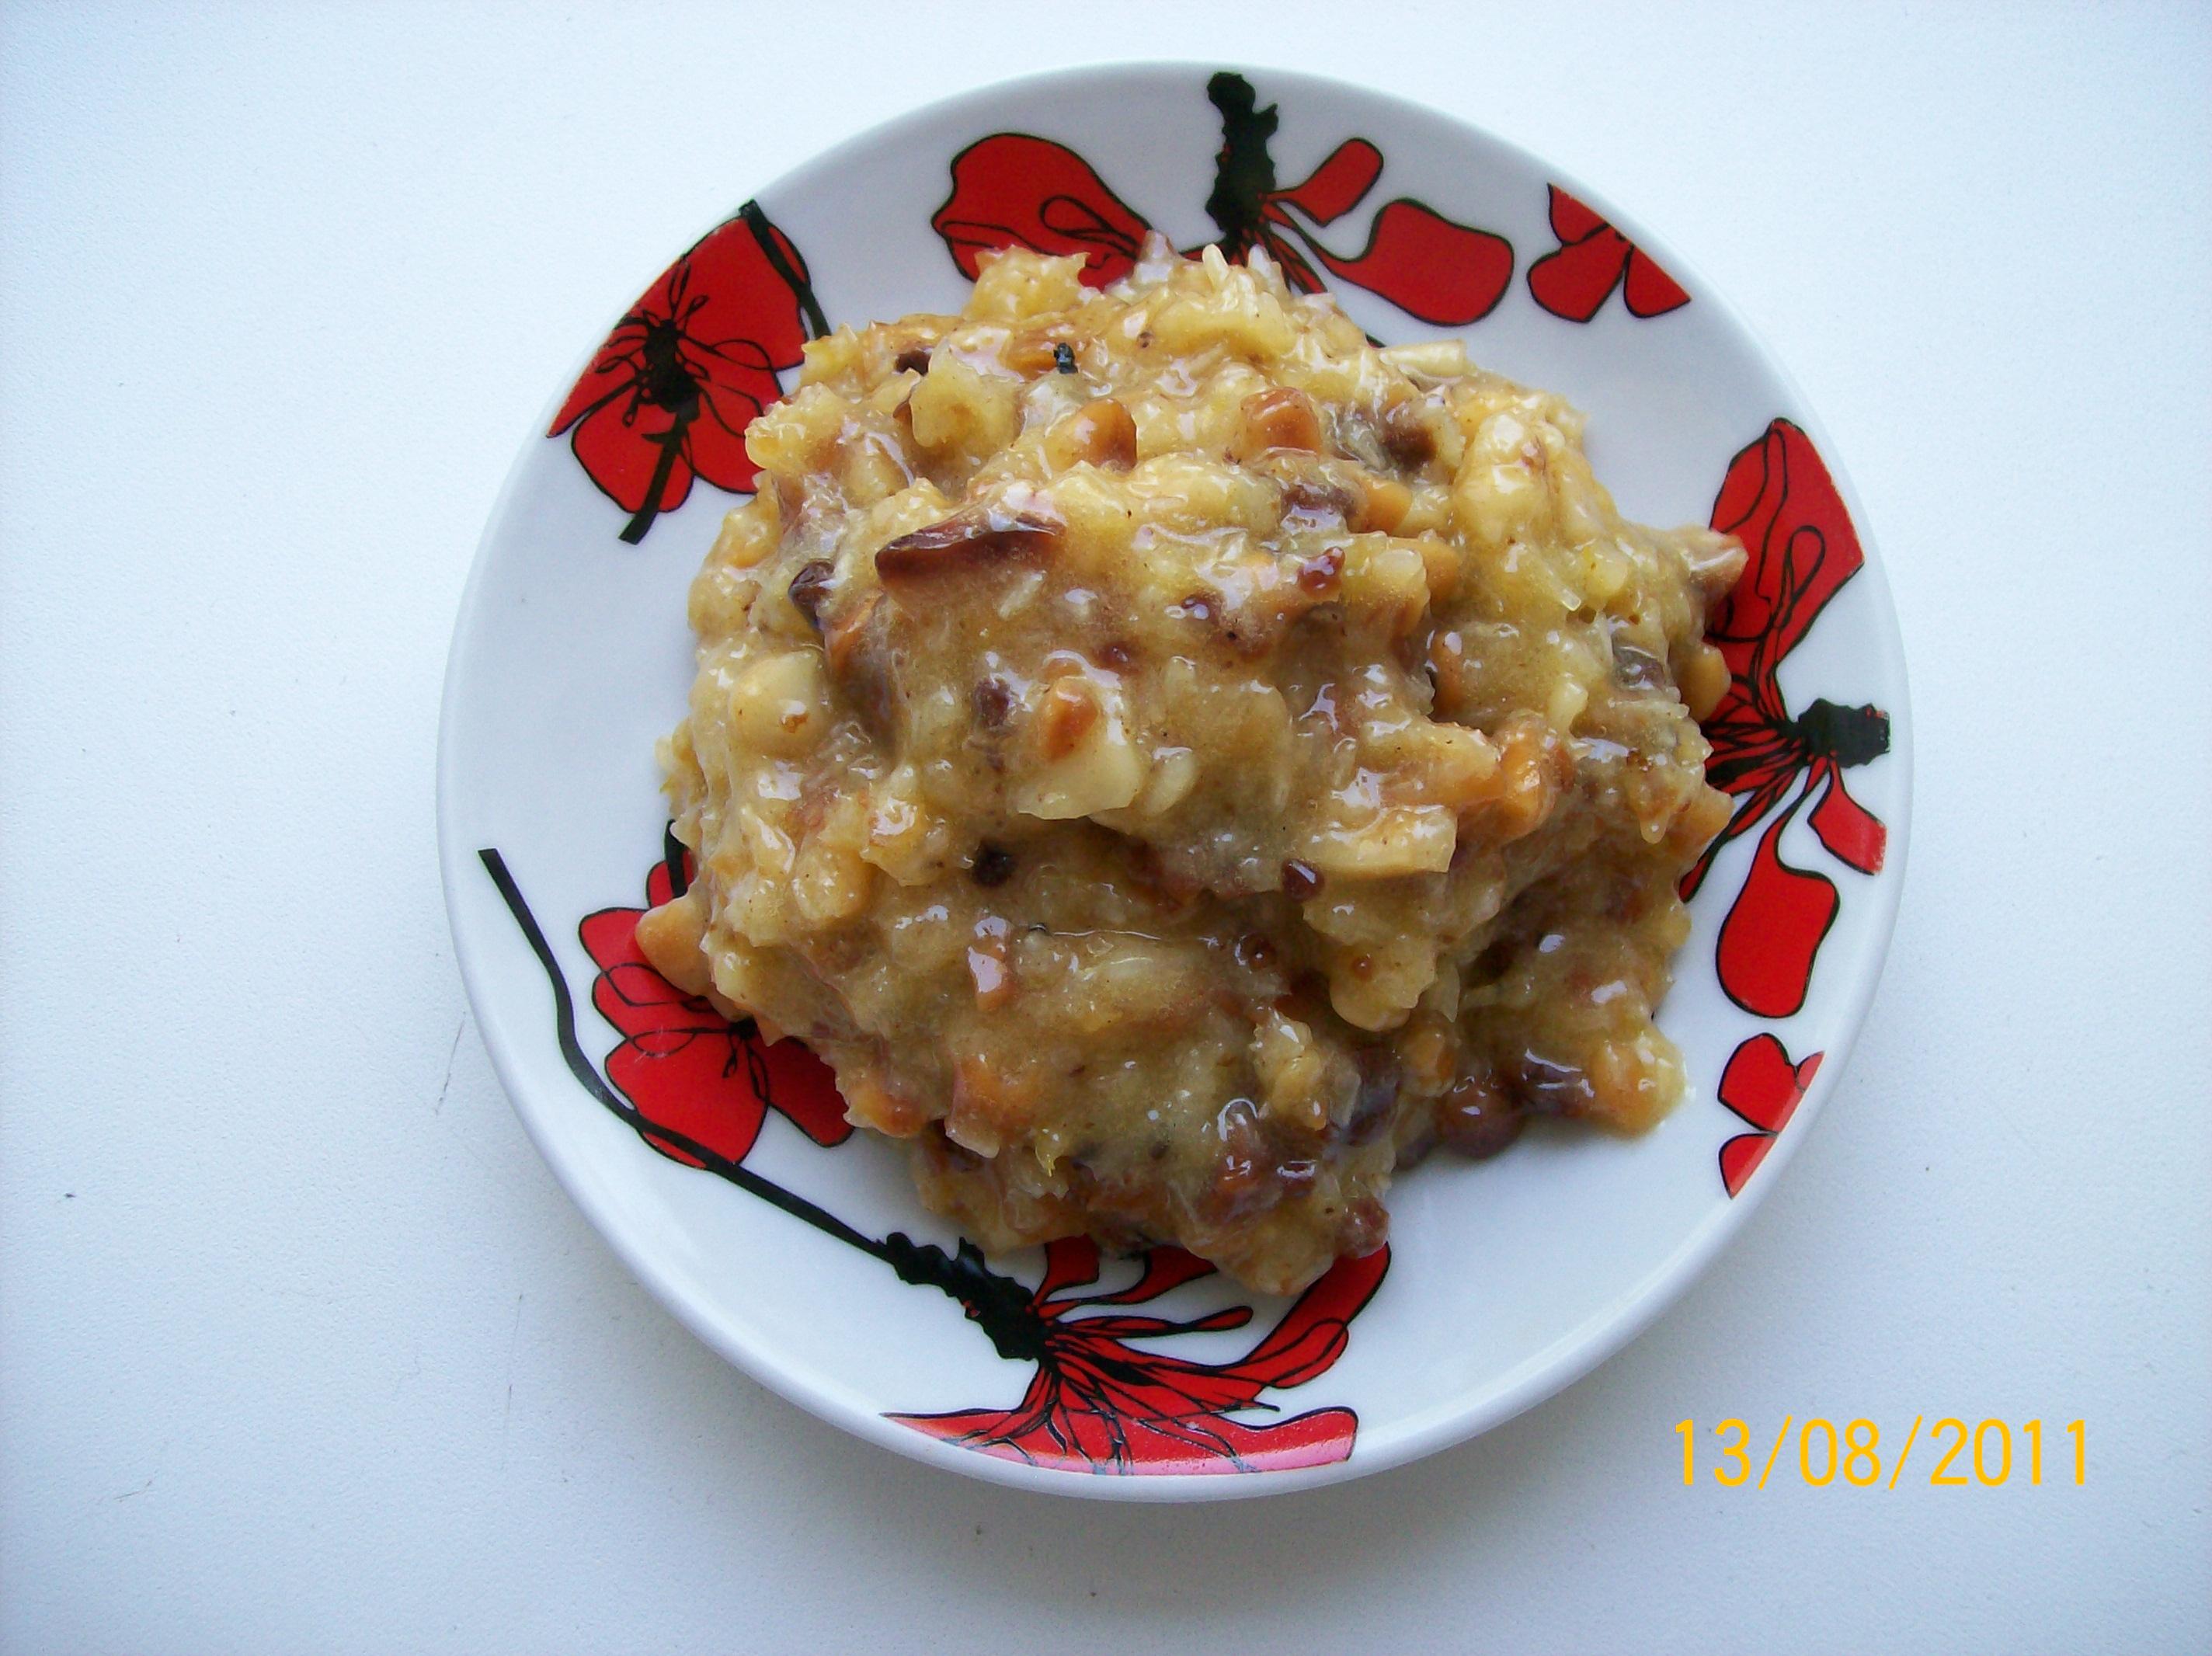 Рецепт Cливочный крем с арахисом и кокосовой стружкой